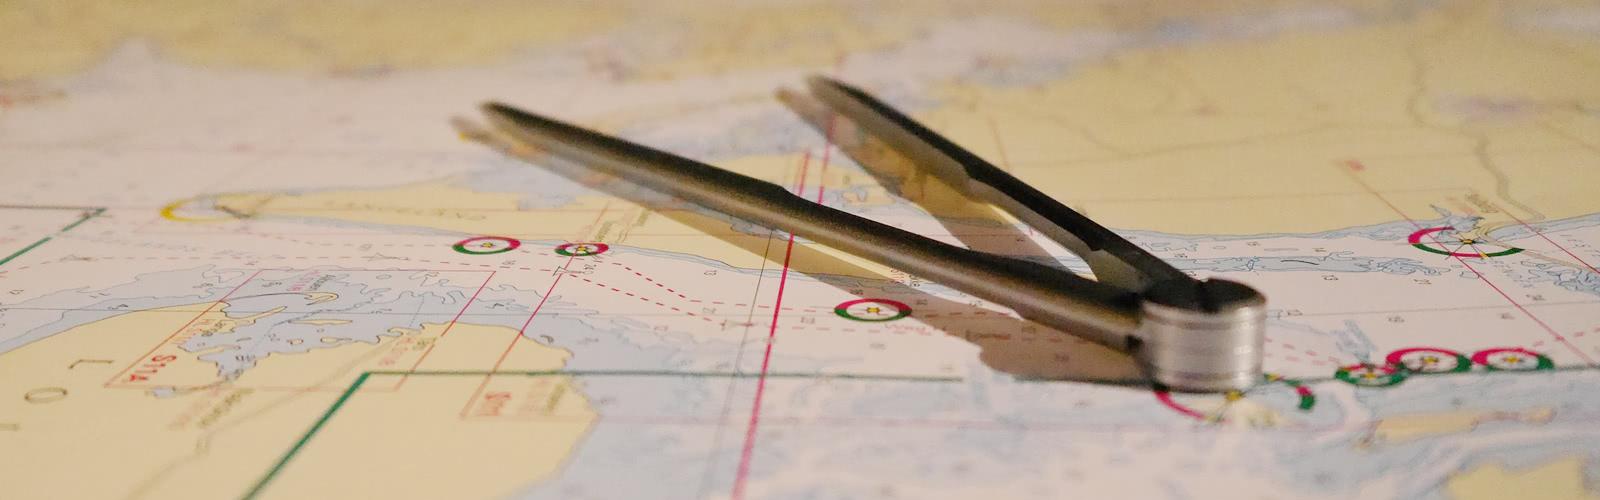 Seekarten Programmierung